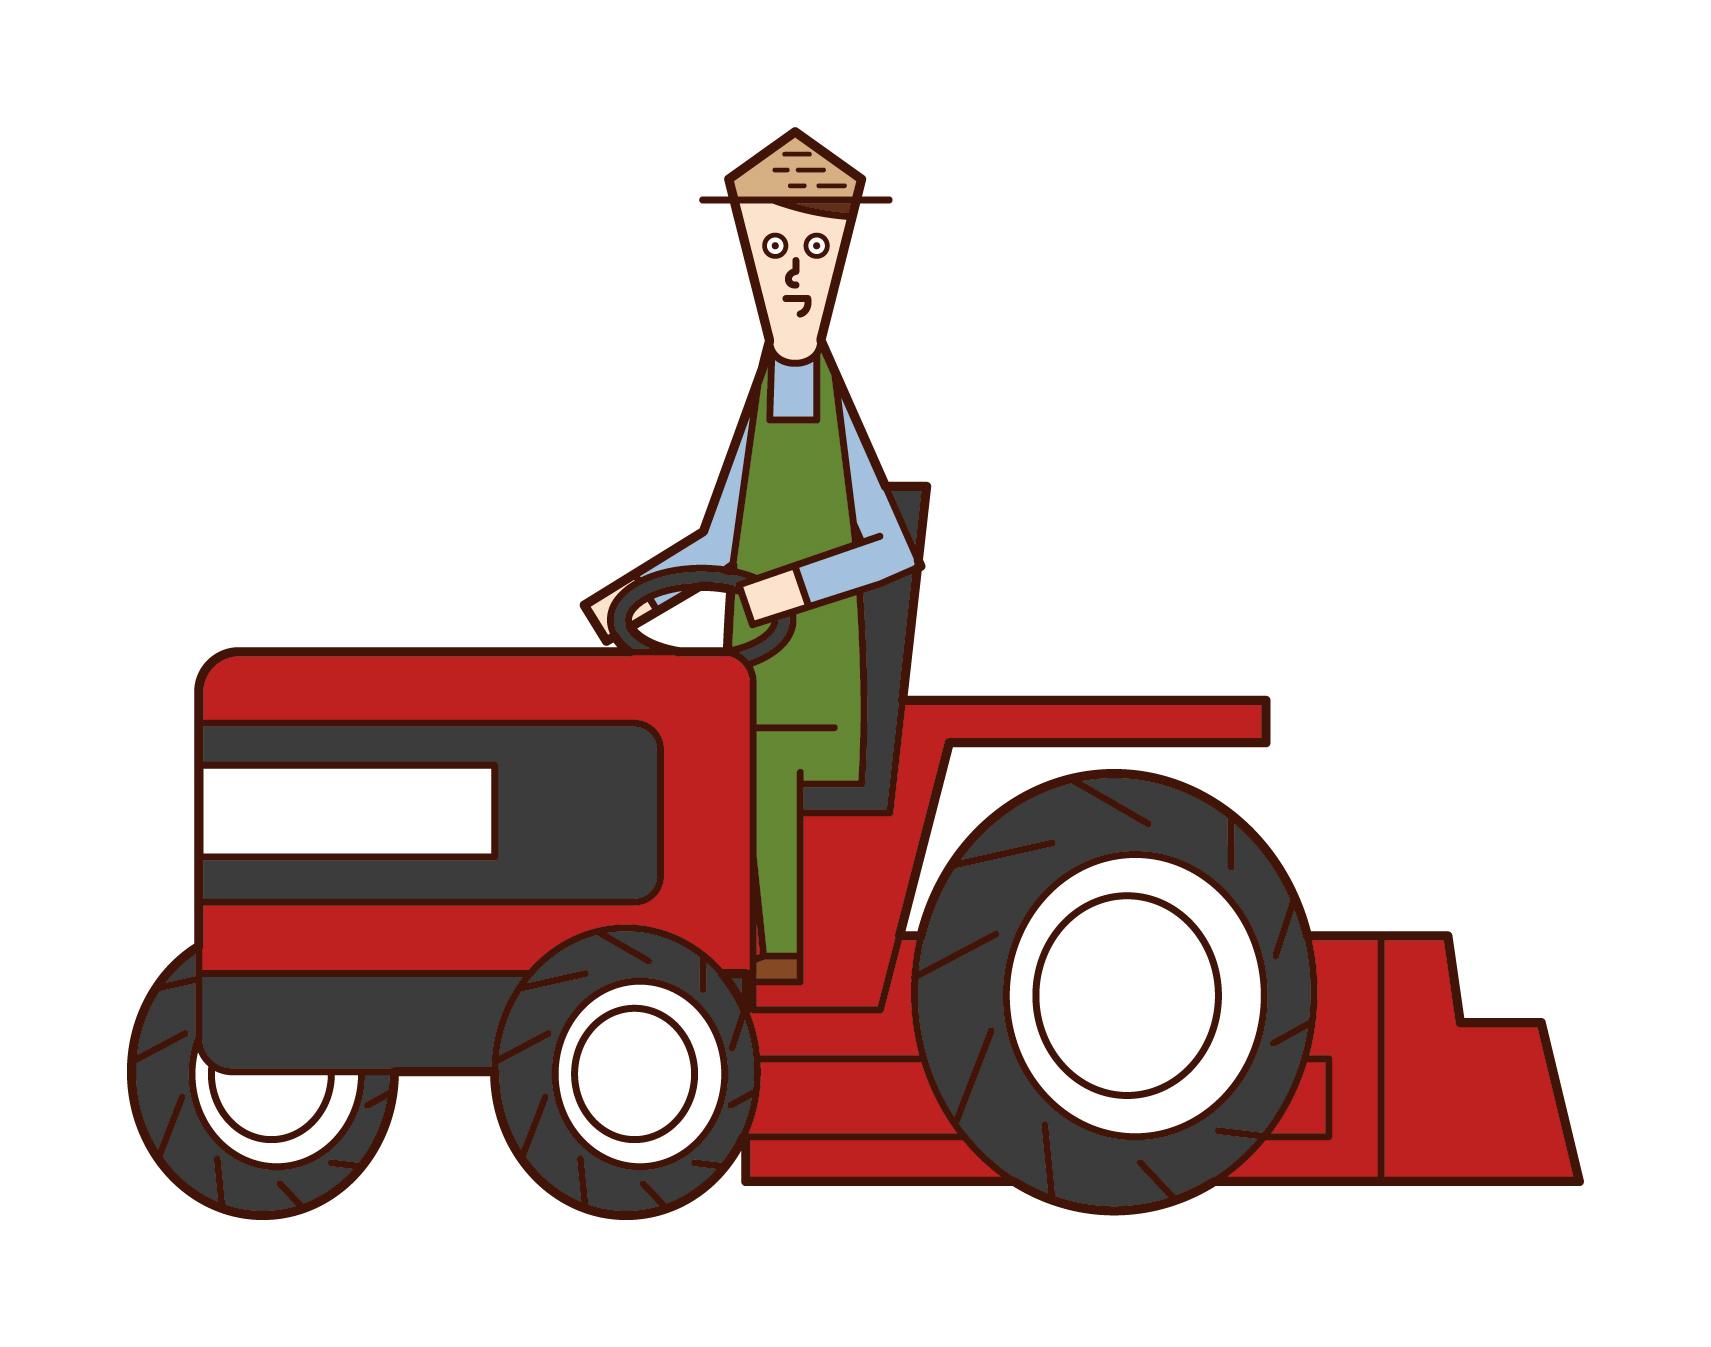 트랙터를 운전하는 사람들의 그림